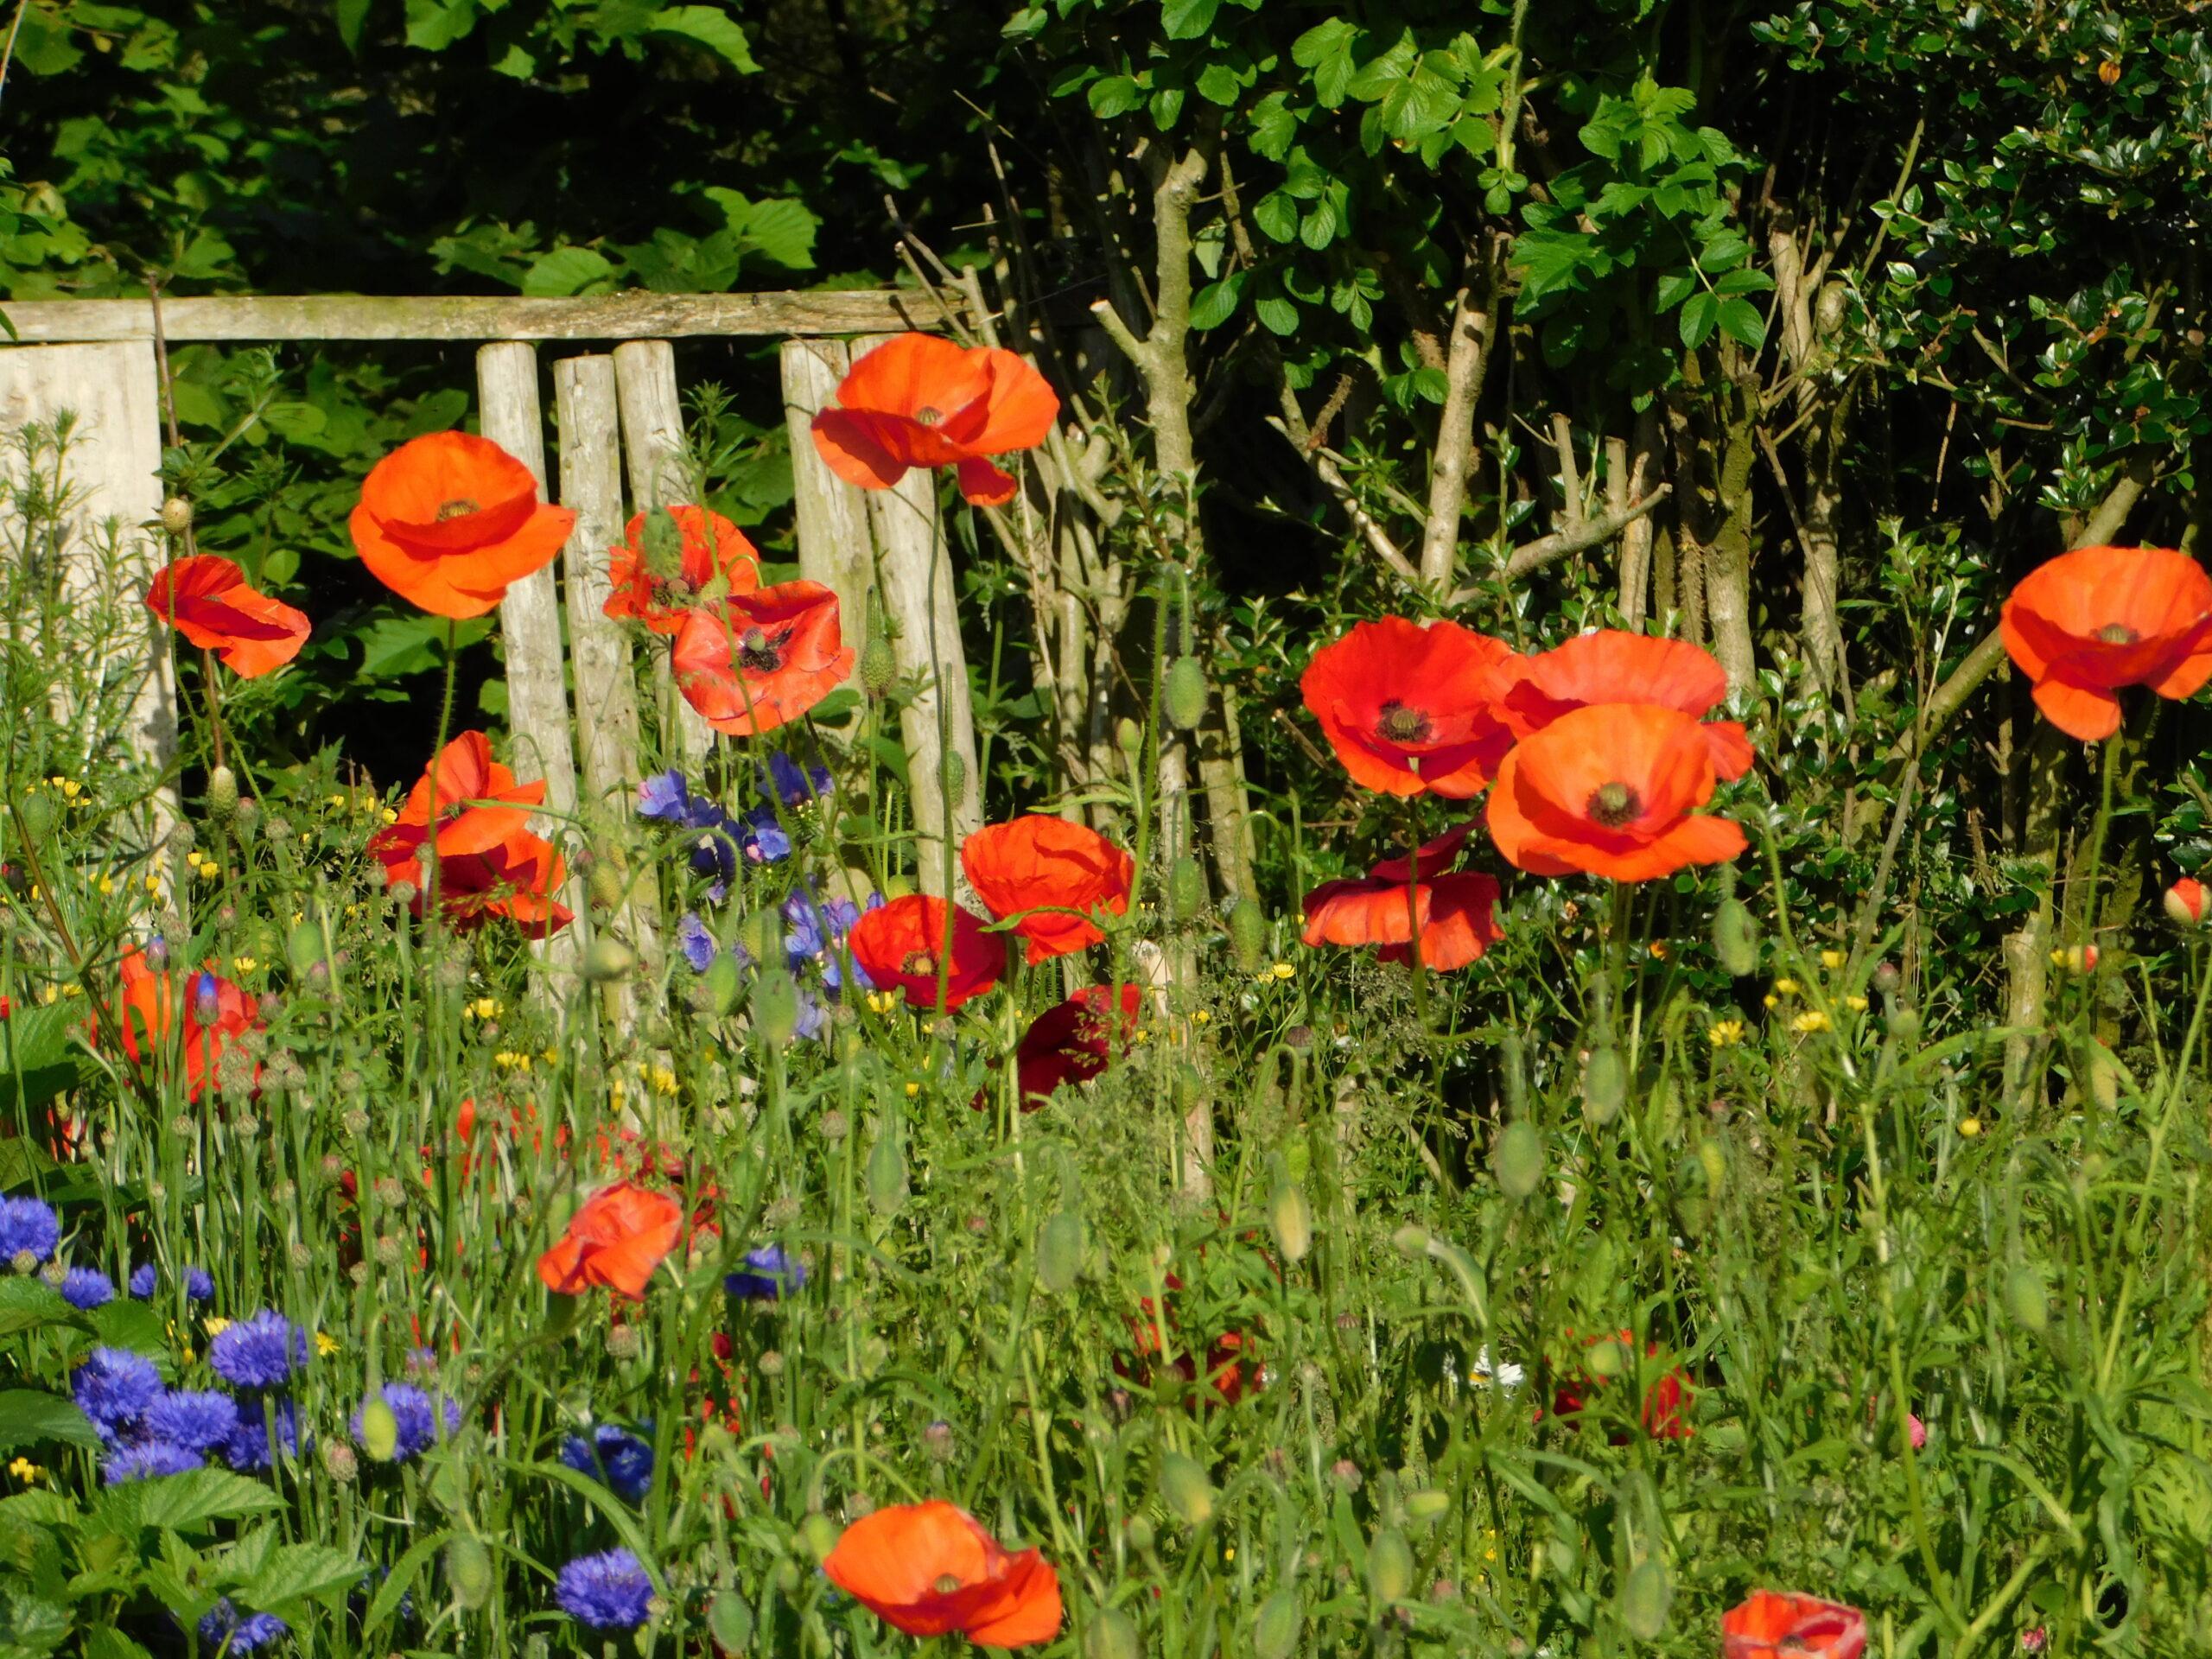 Wildflower garden with poppies